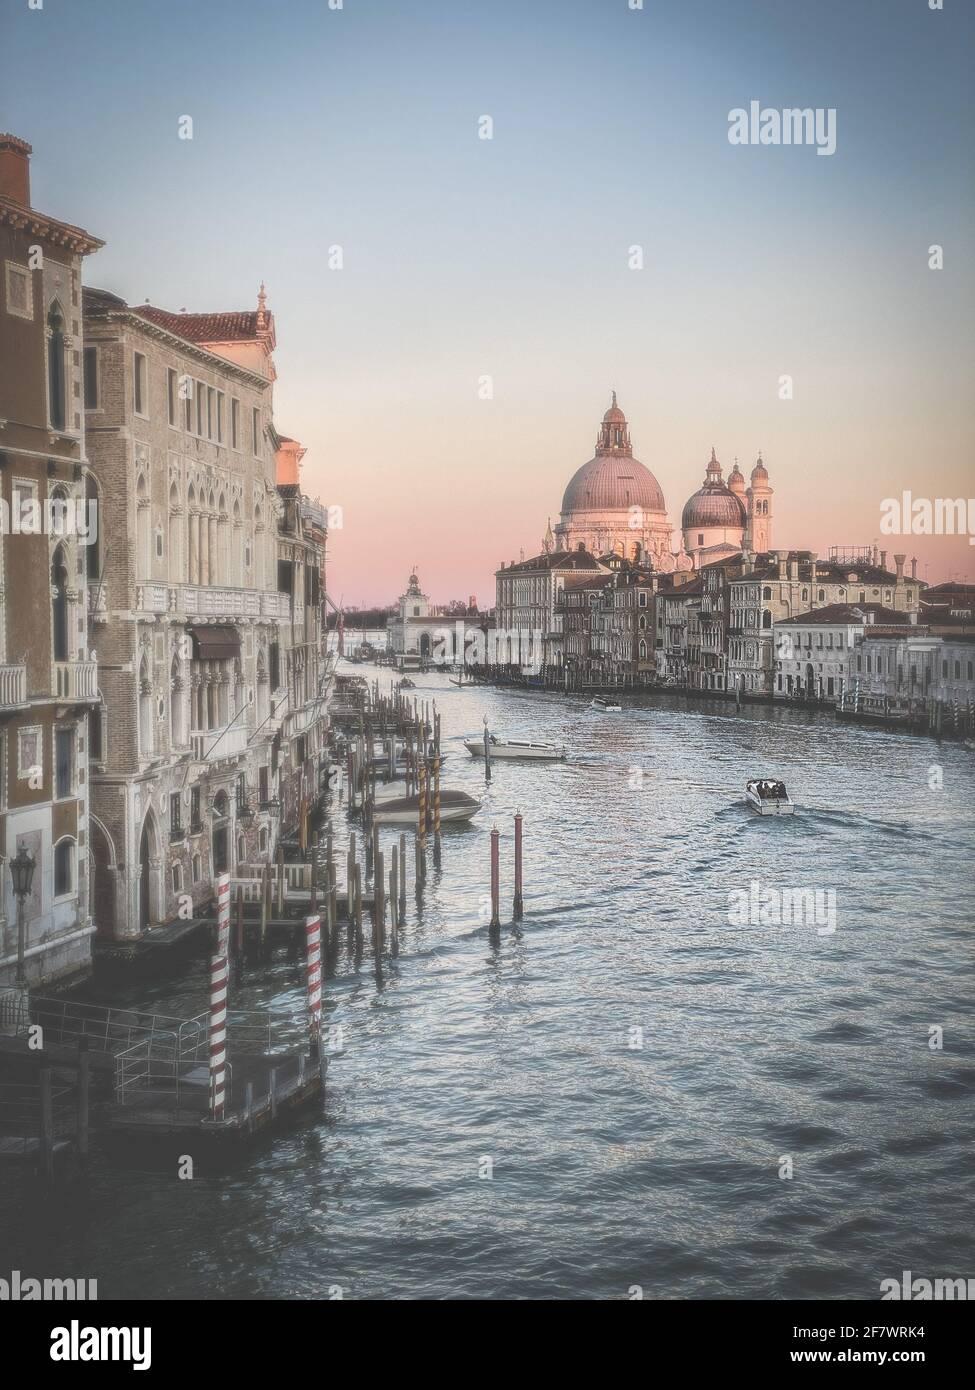 Vista sul Canal Grande e sulla Basilica di Santa Maria della Salute dal Ponte dell'Accademia di Venezia Foto Stock